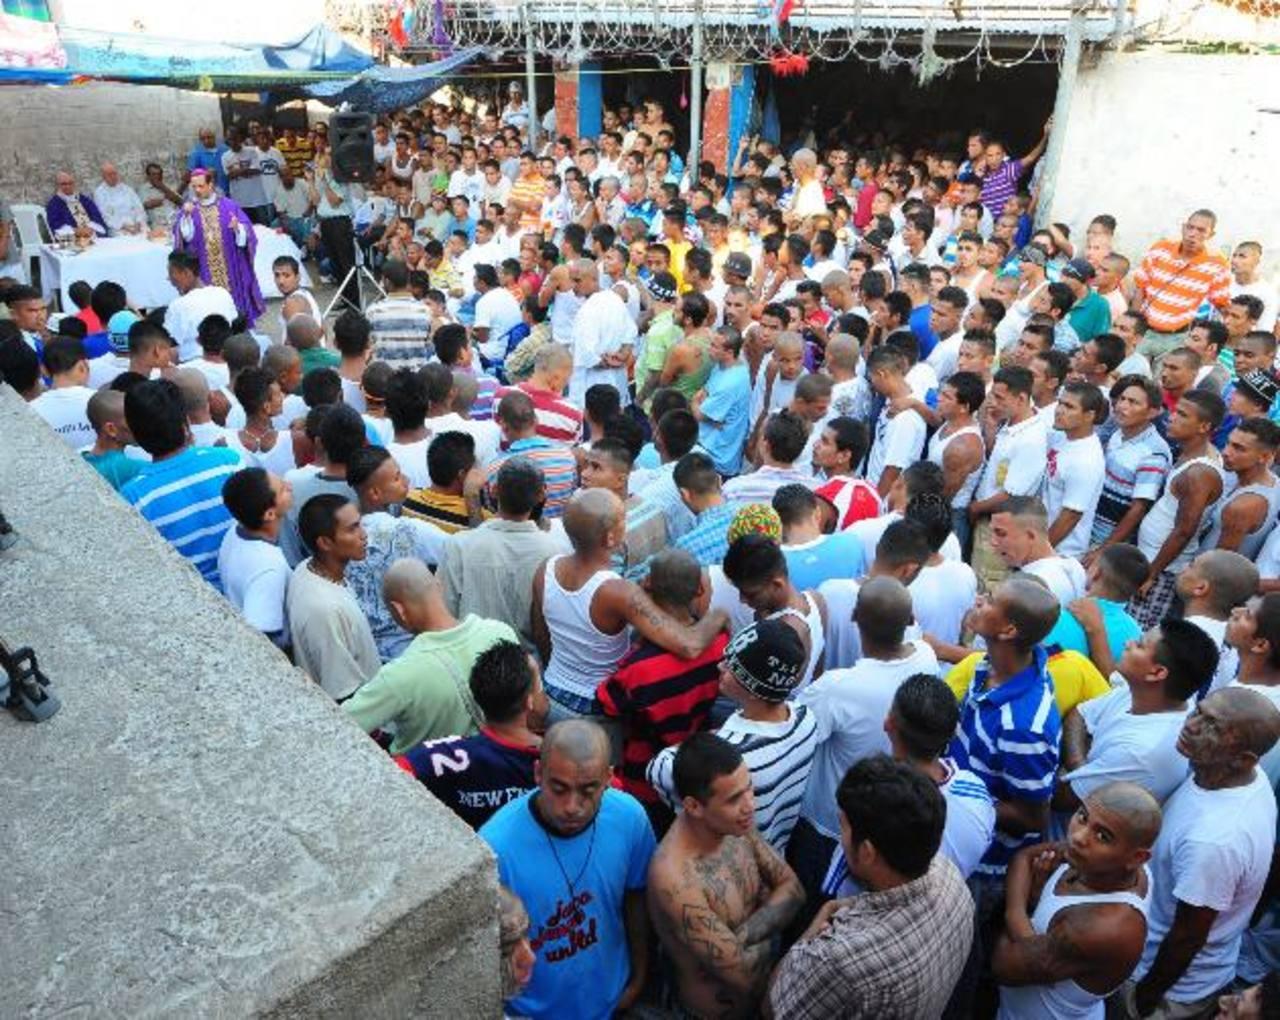 Las prebendas a las pandillas en las cárceles han sido parte de una negociación con las autoridades. Fotos EDH / Marvin Recinos